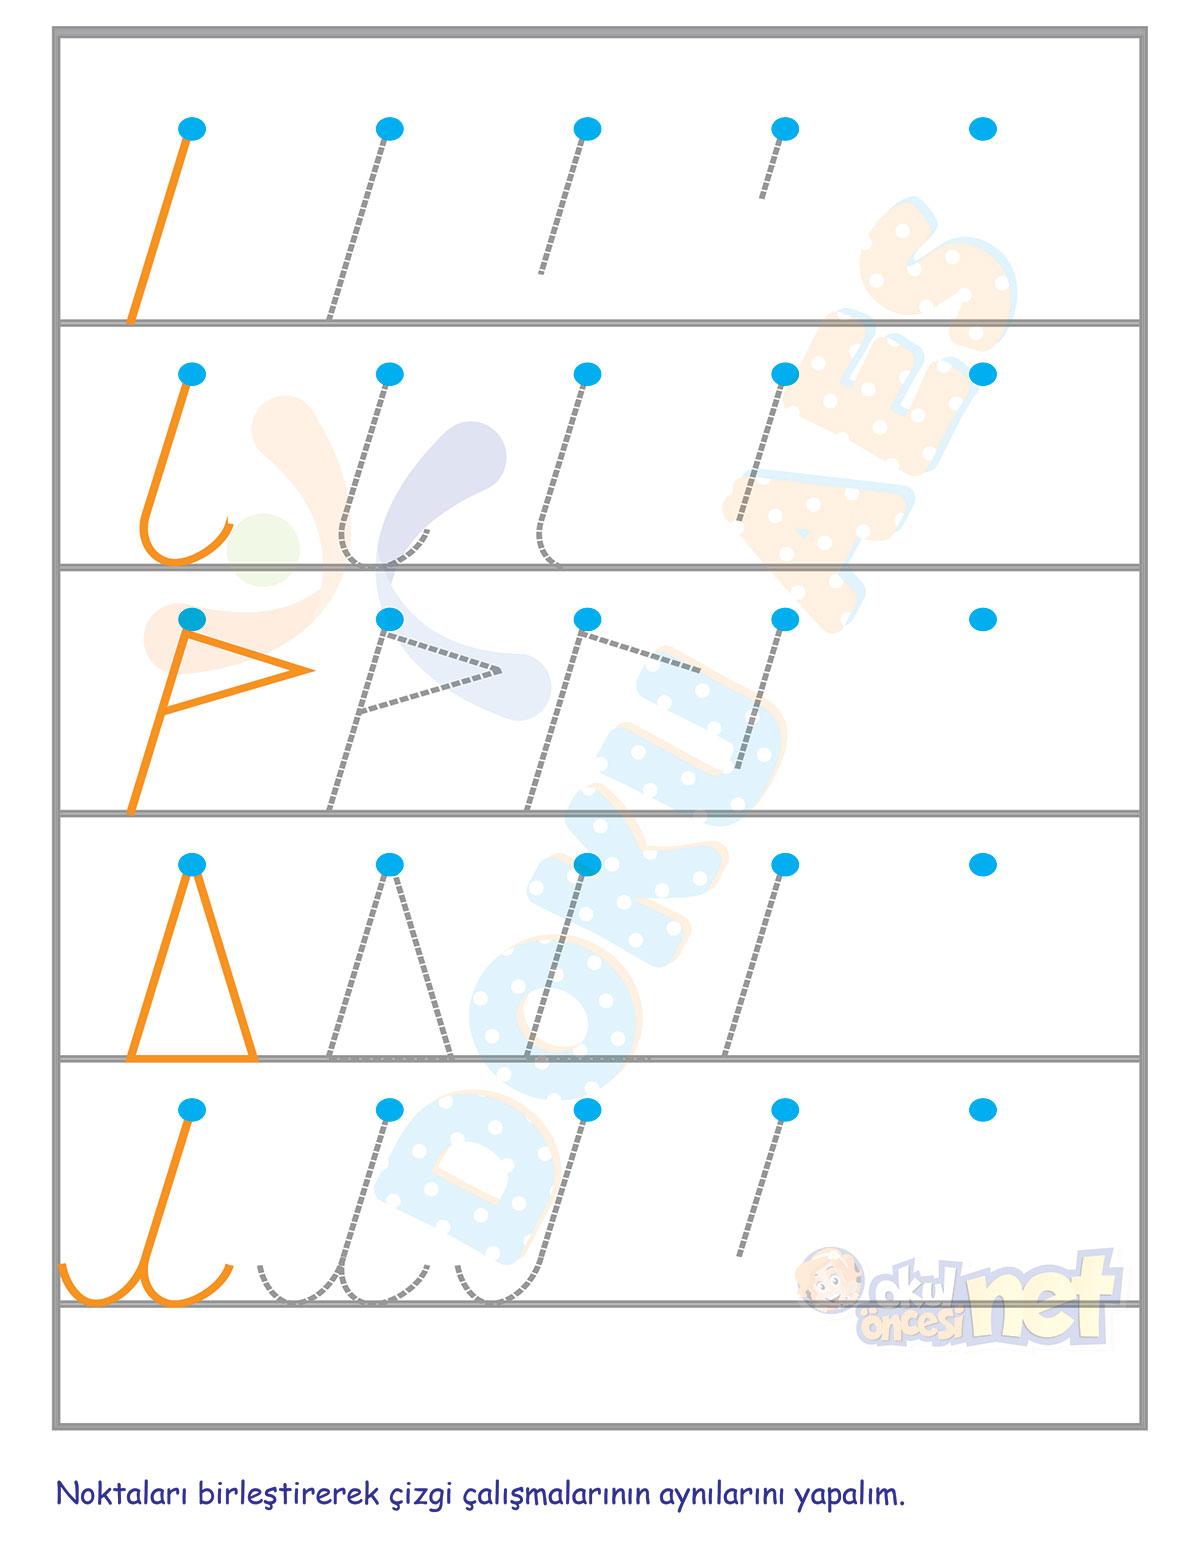 noktalari_birlestirme2.jpg